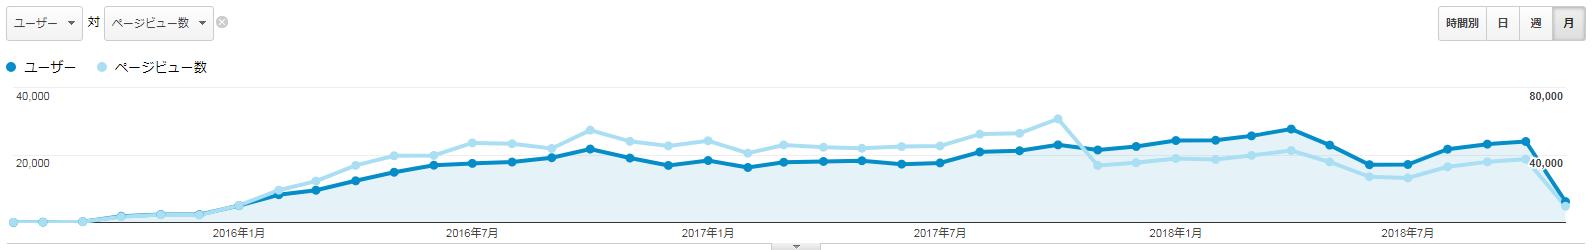 Google Analyticsのスクリーンショット(前回の期間と今回の期間の比較)